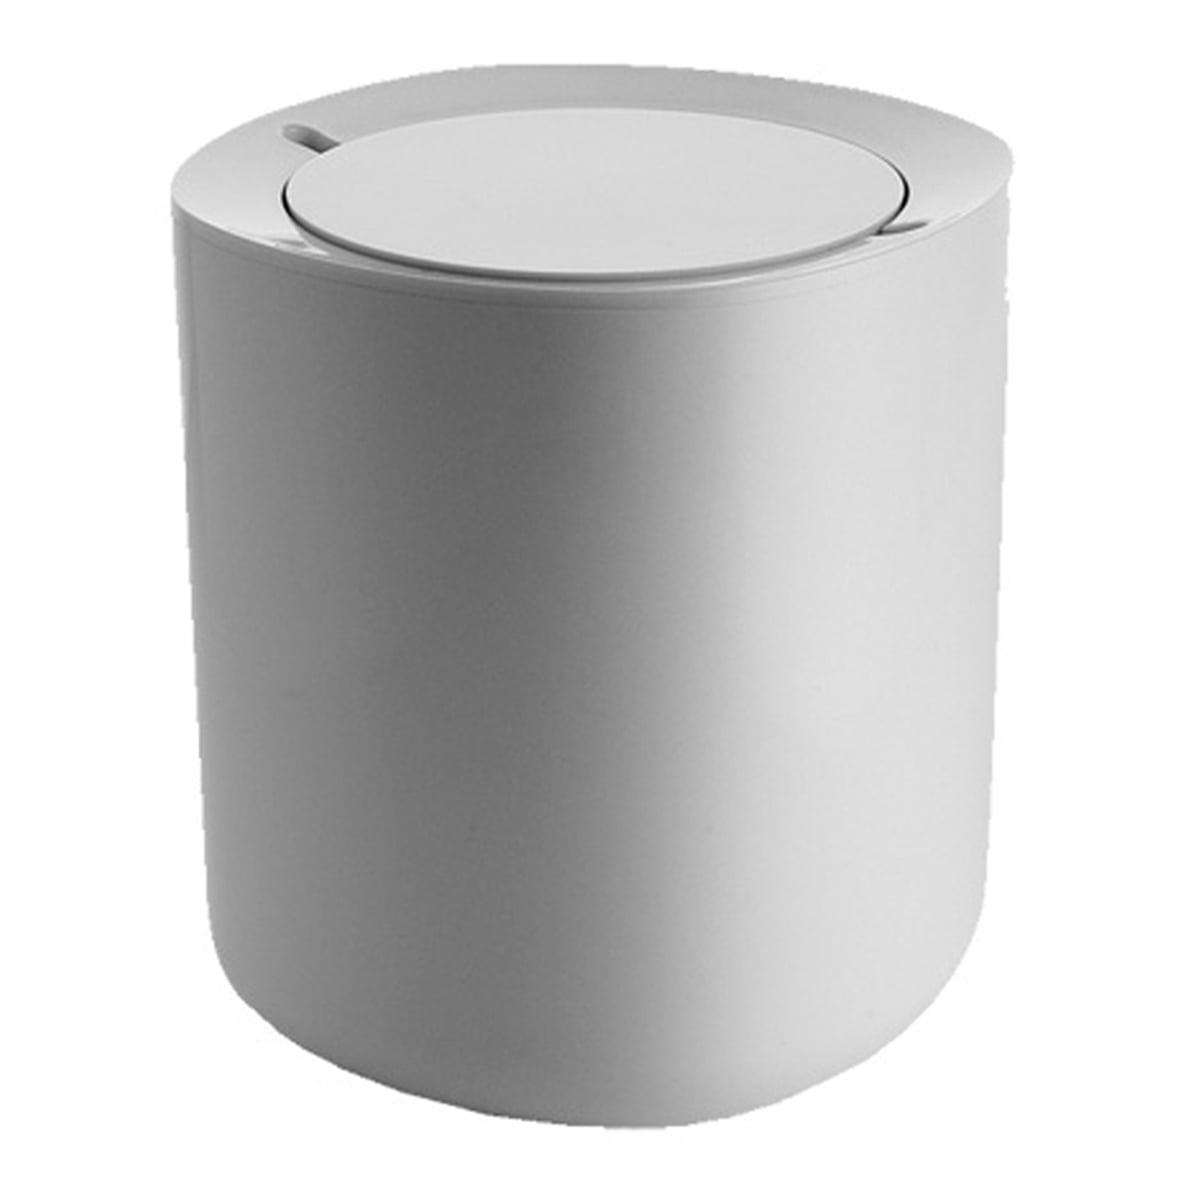 birillo wastebasket pl10 by alessi. Black Bedroom Furniture Sets. Home Design Ideas